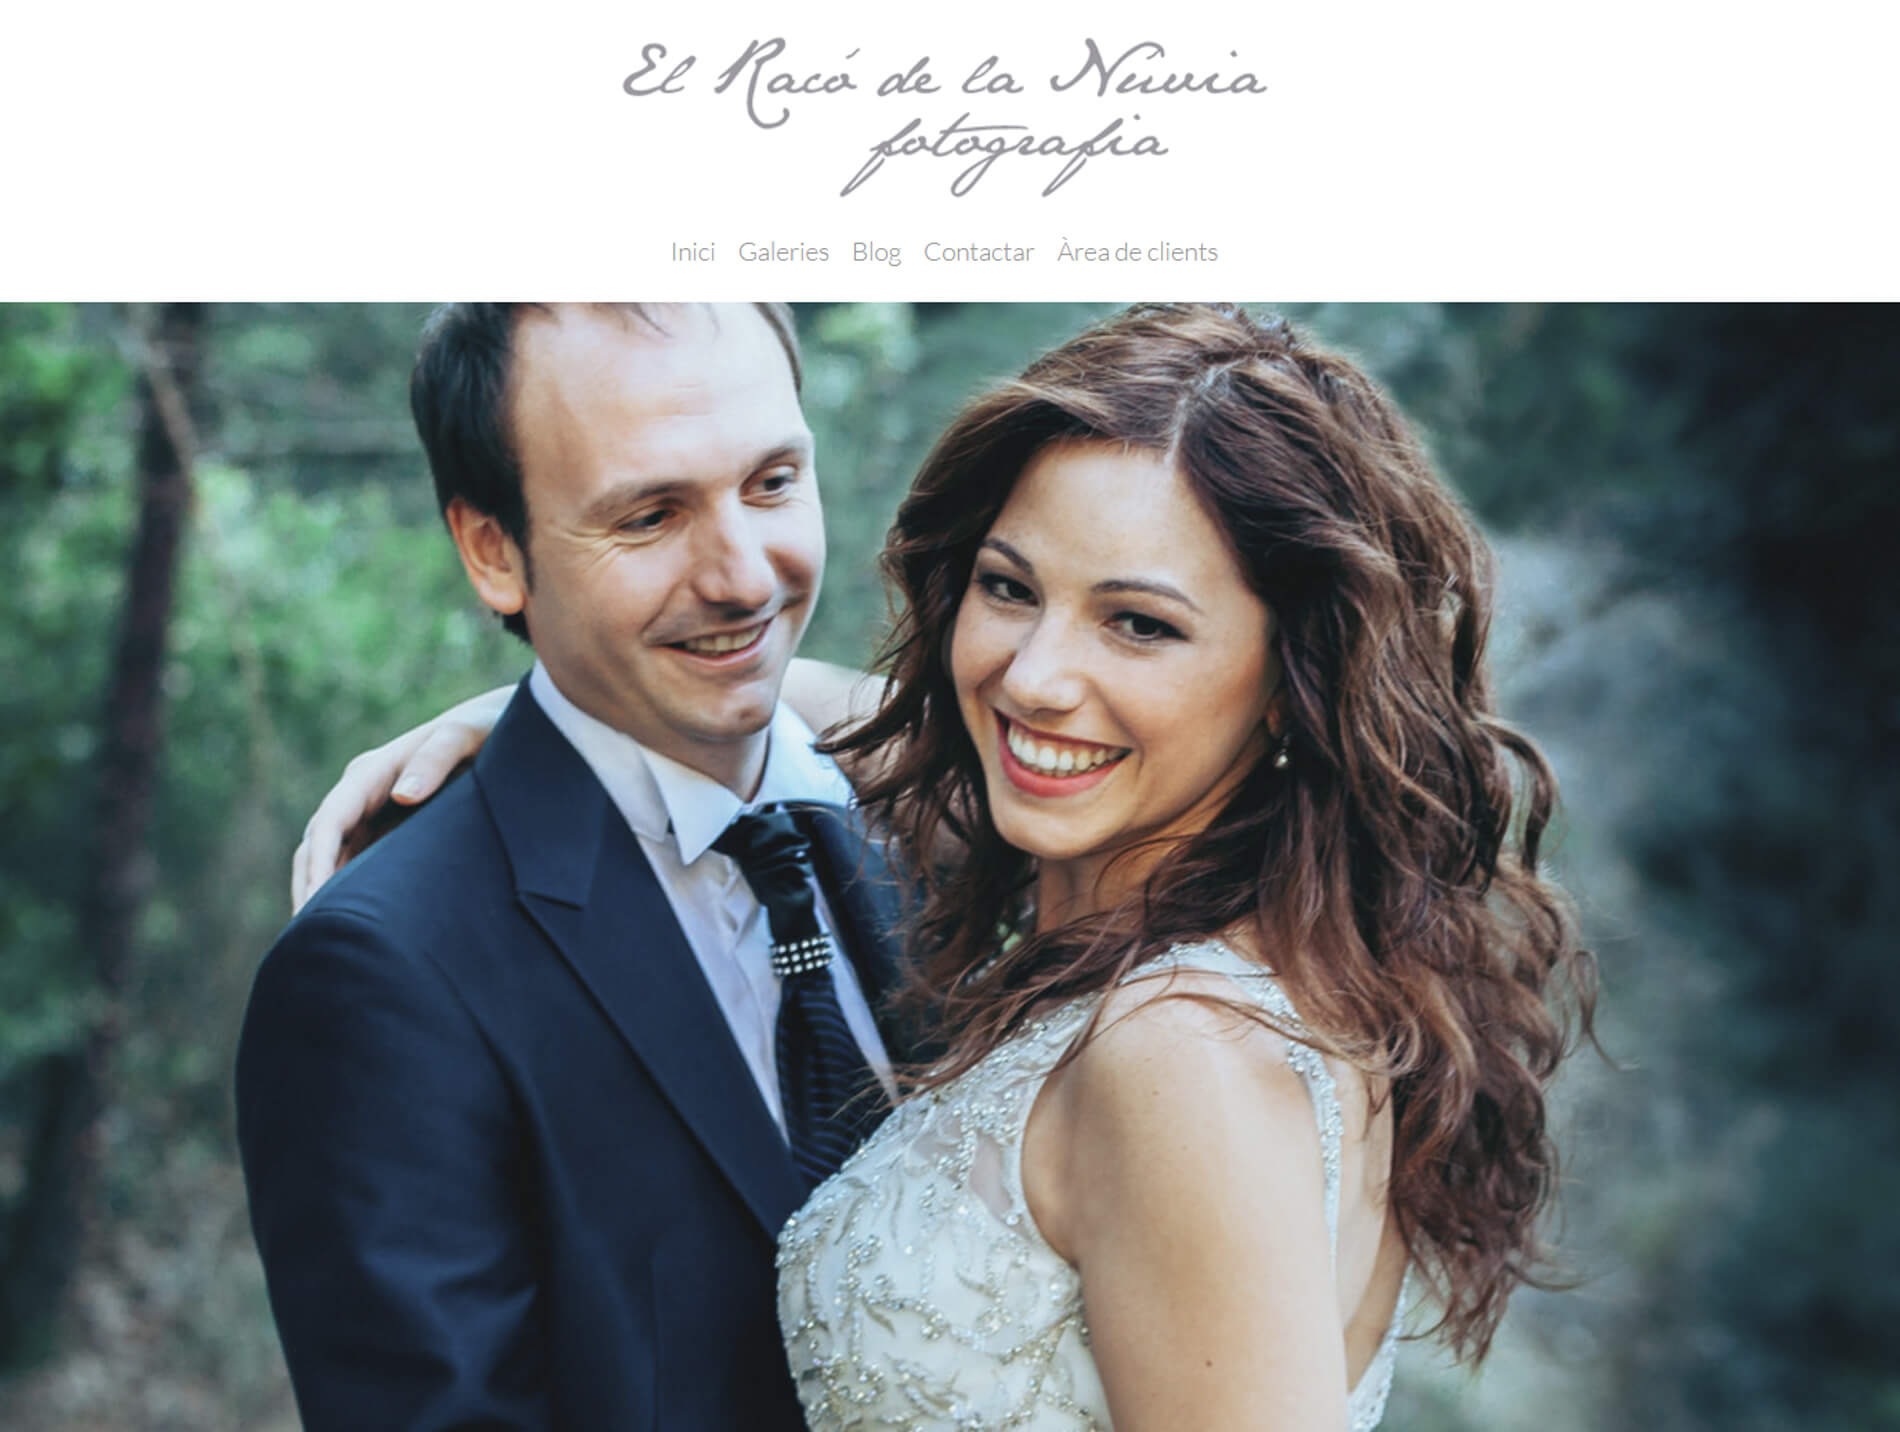 Web de El Racó de la Nuvia. Fotógrafo de bodas en Tarragona